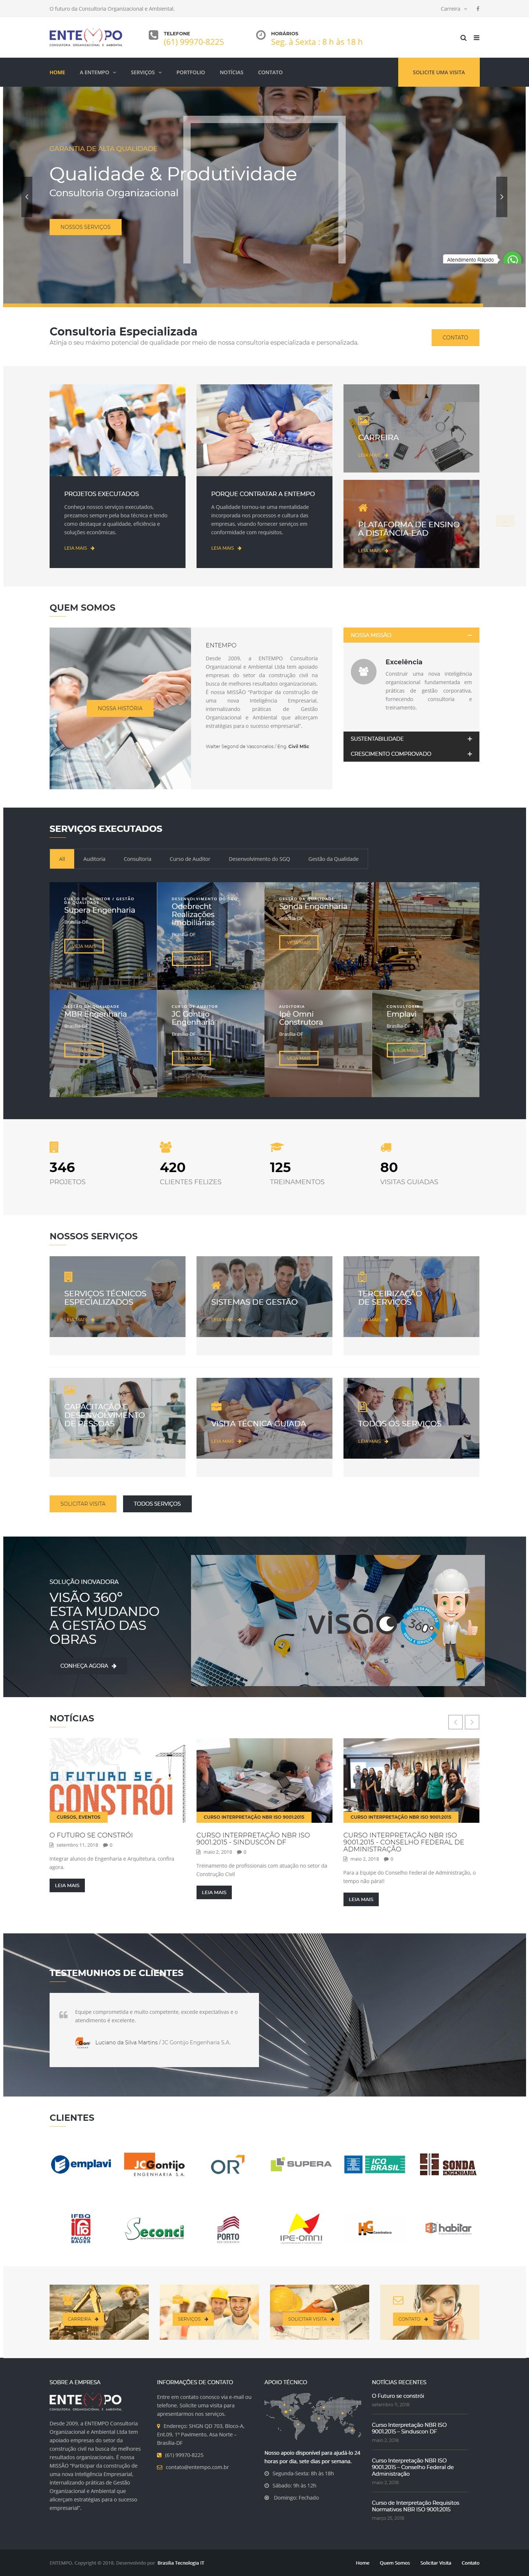 emtempo-engenharia-consultoria-brasilia-tecnologia-desenvolvimento-sites-websites-suporte-seo-hospedagem